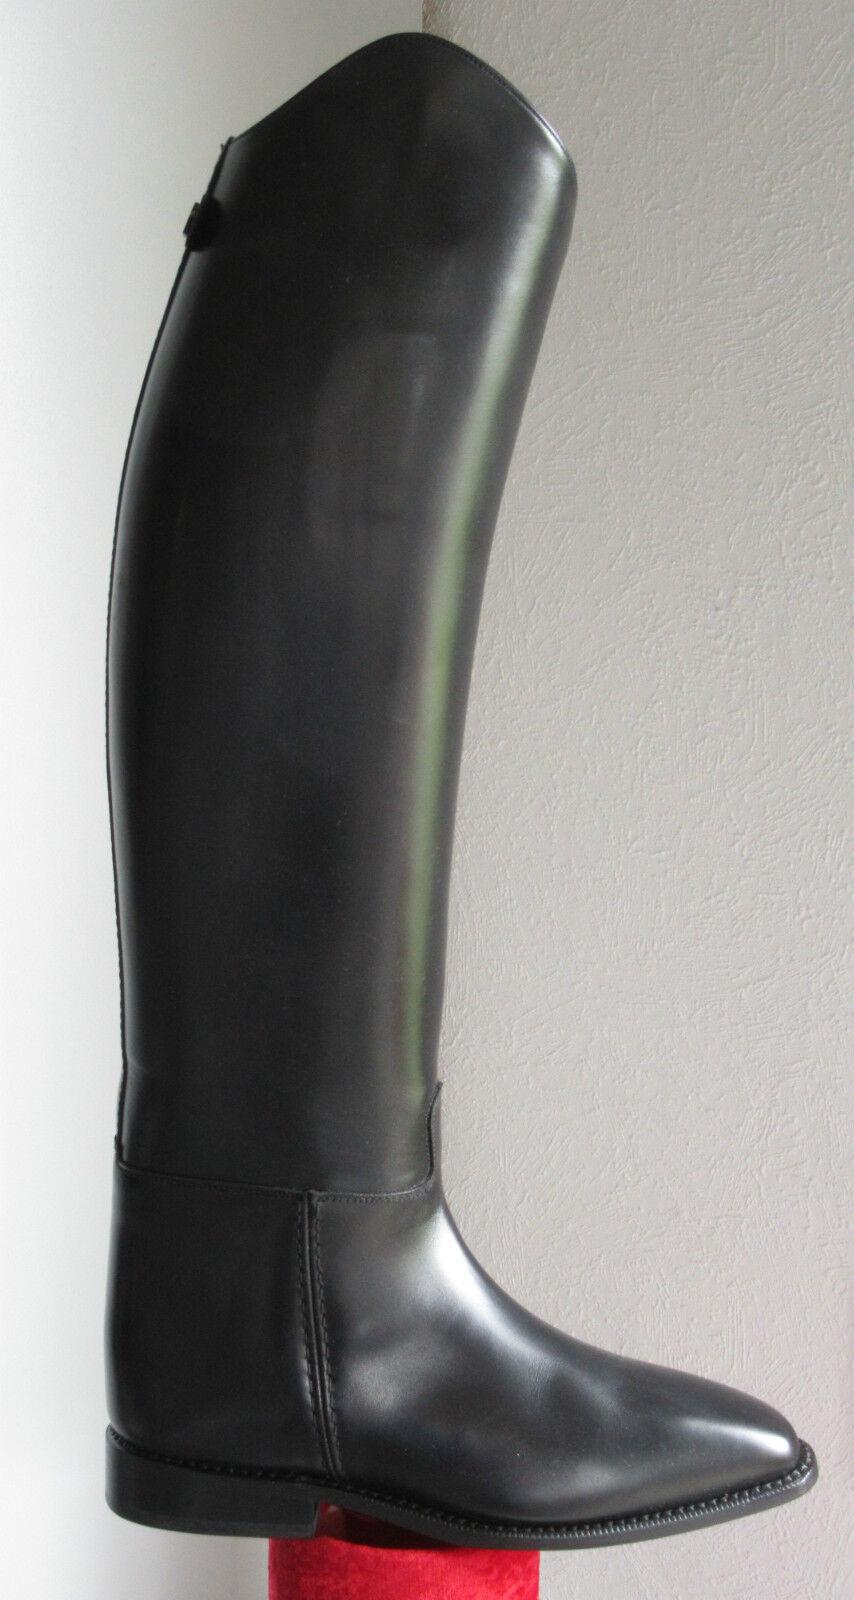 %%Leder Reitstiefel Pirouette Cavallo  Gr.7 Höhe 53 Weite 39 XXLW Fb. schwarz%%